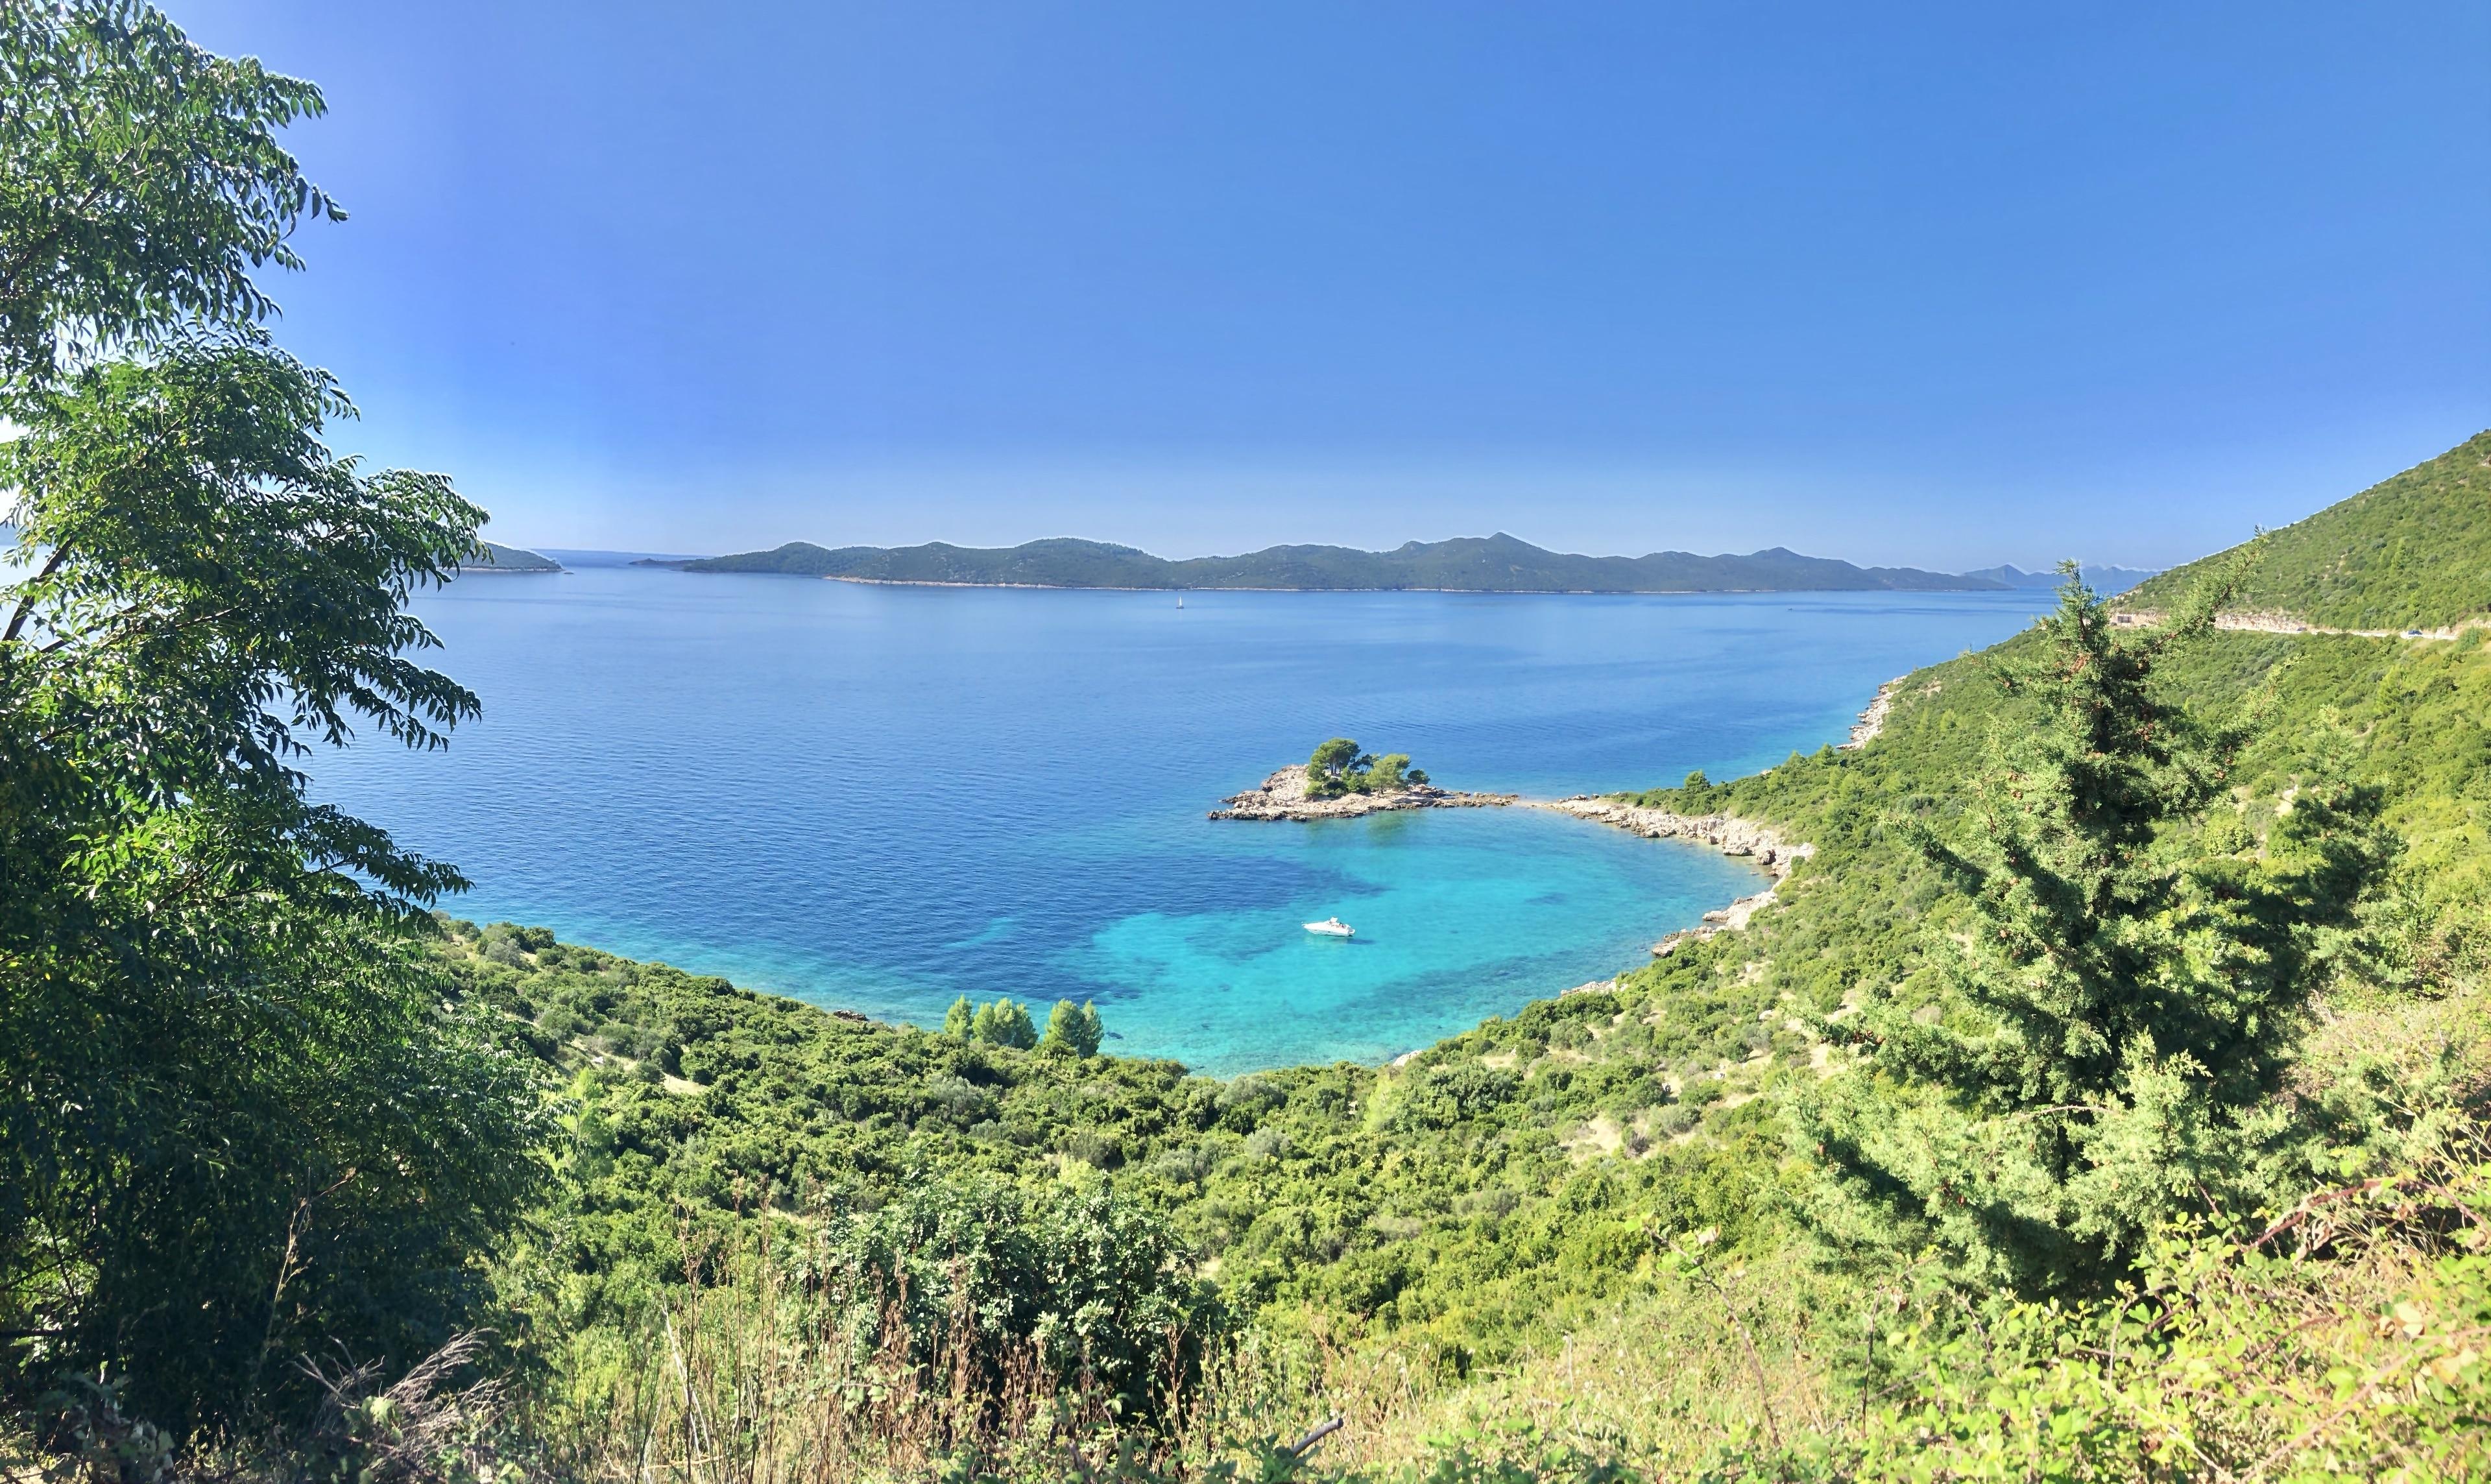 Brsecine, Dubrovnik, Dubrovnik-Neretva, Croatia